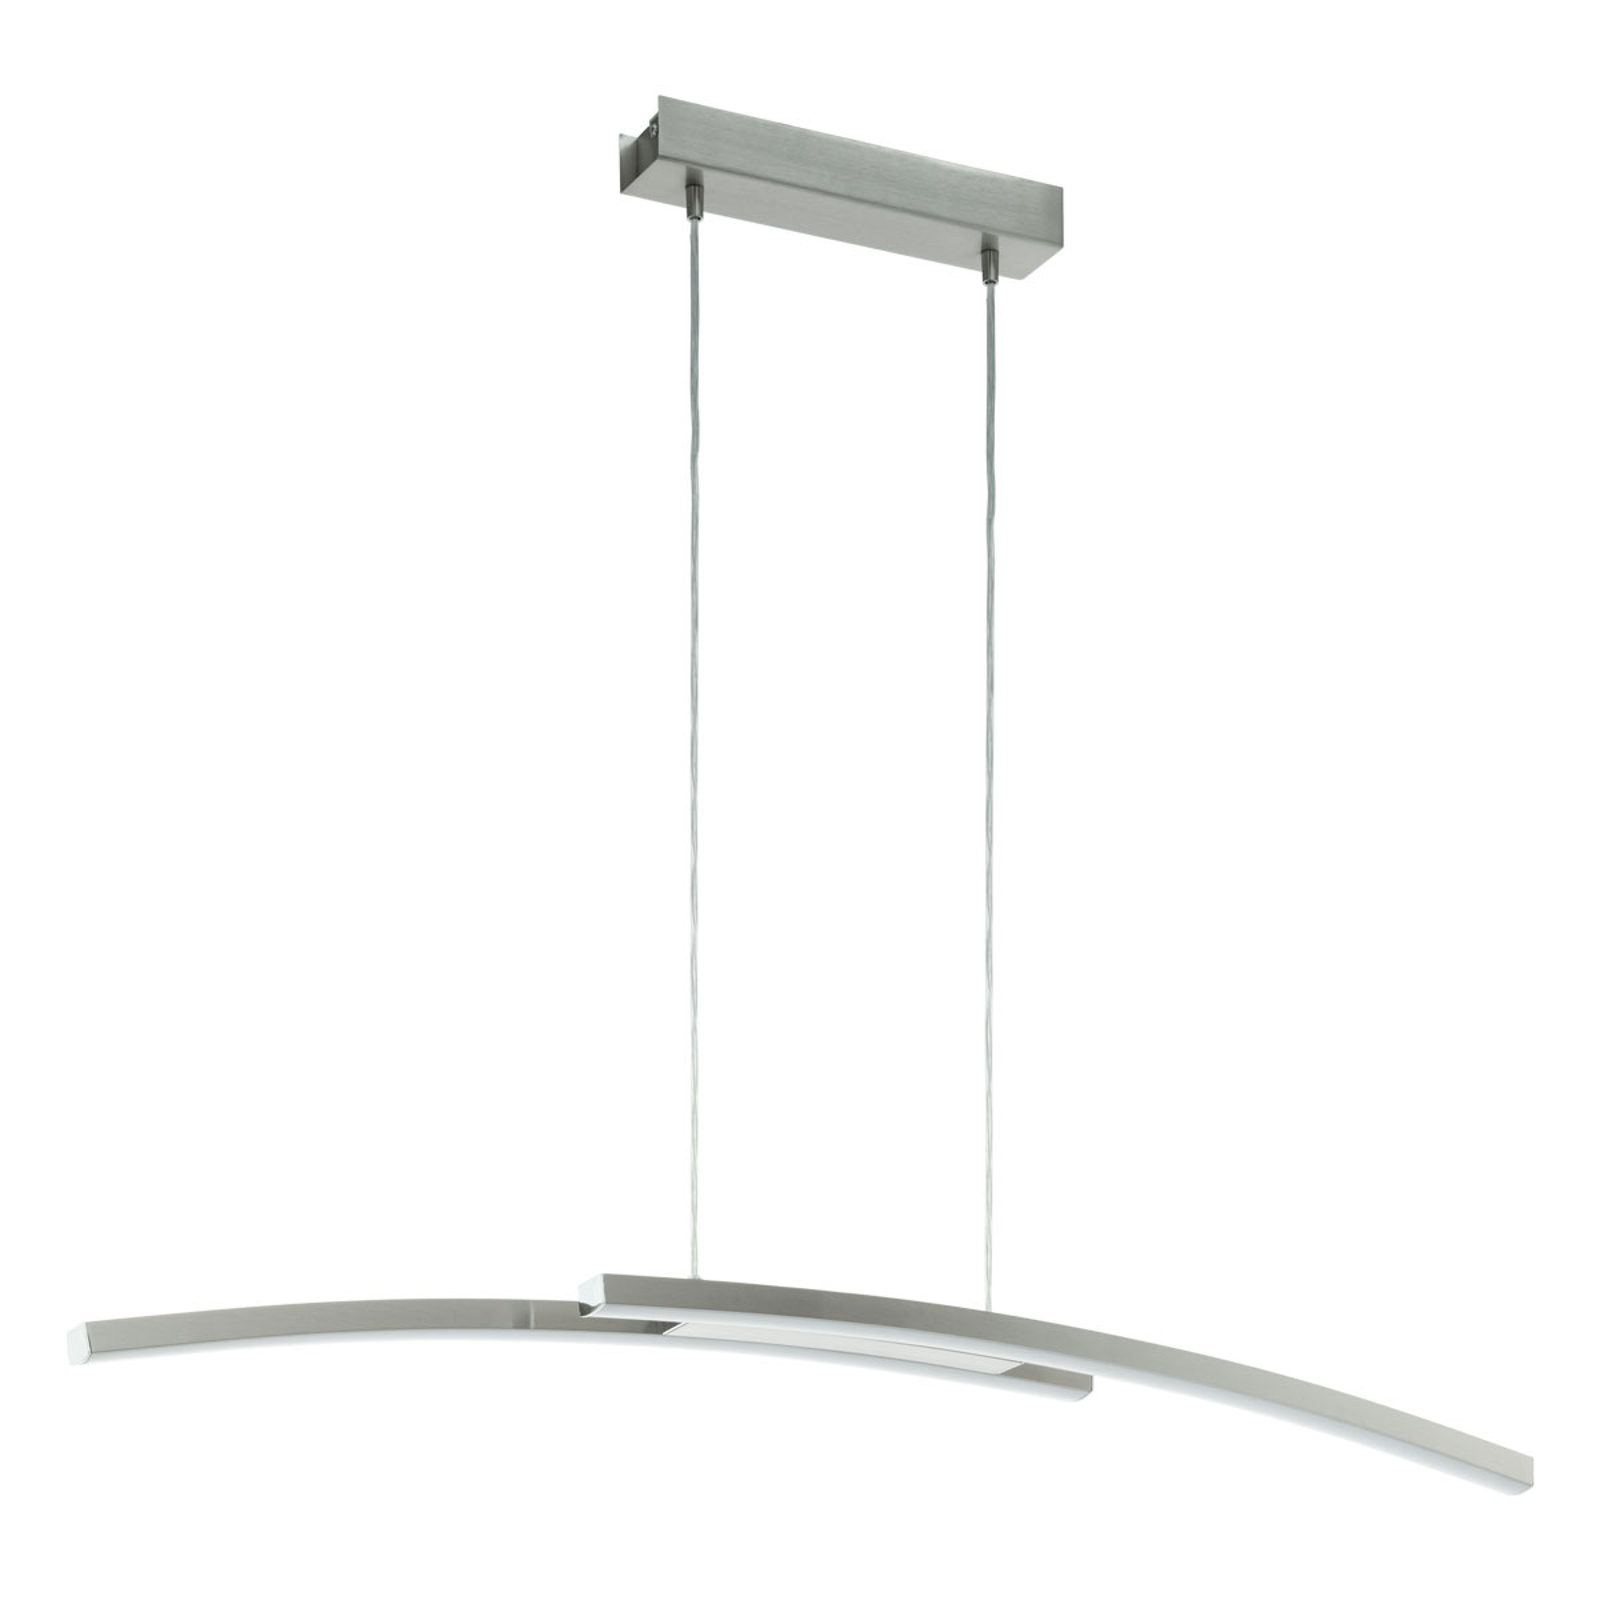 EGLO connect Fraioli-C LED-Hängelampe, gebogen